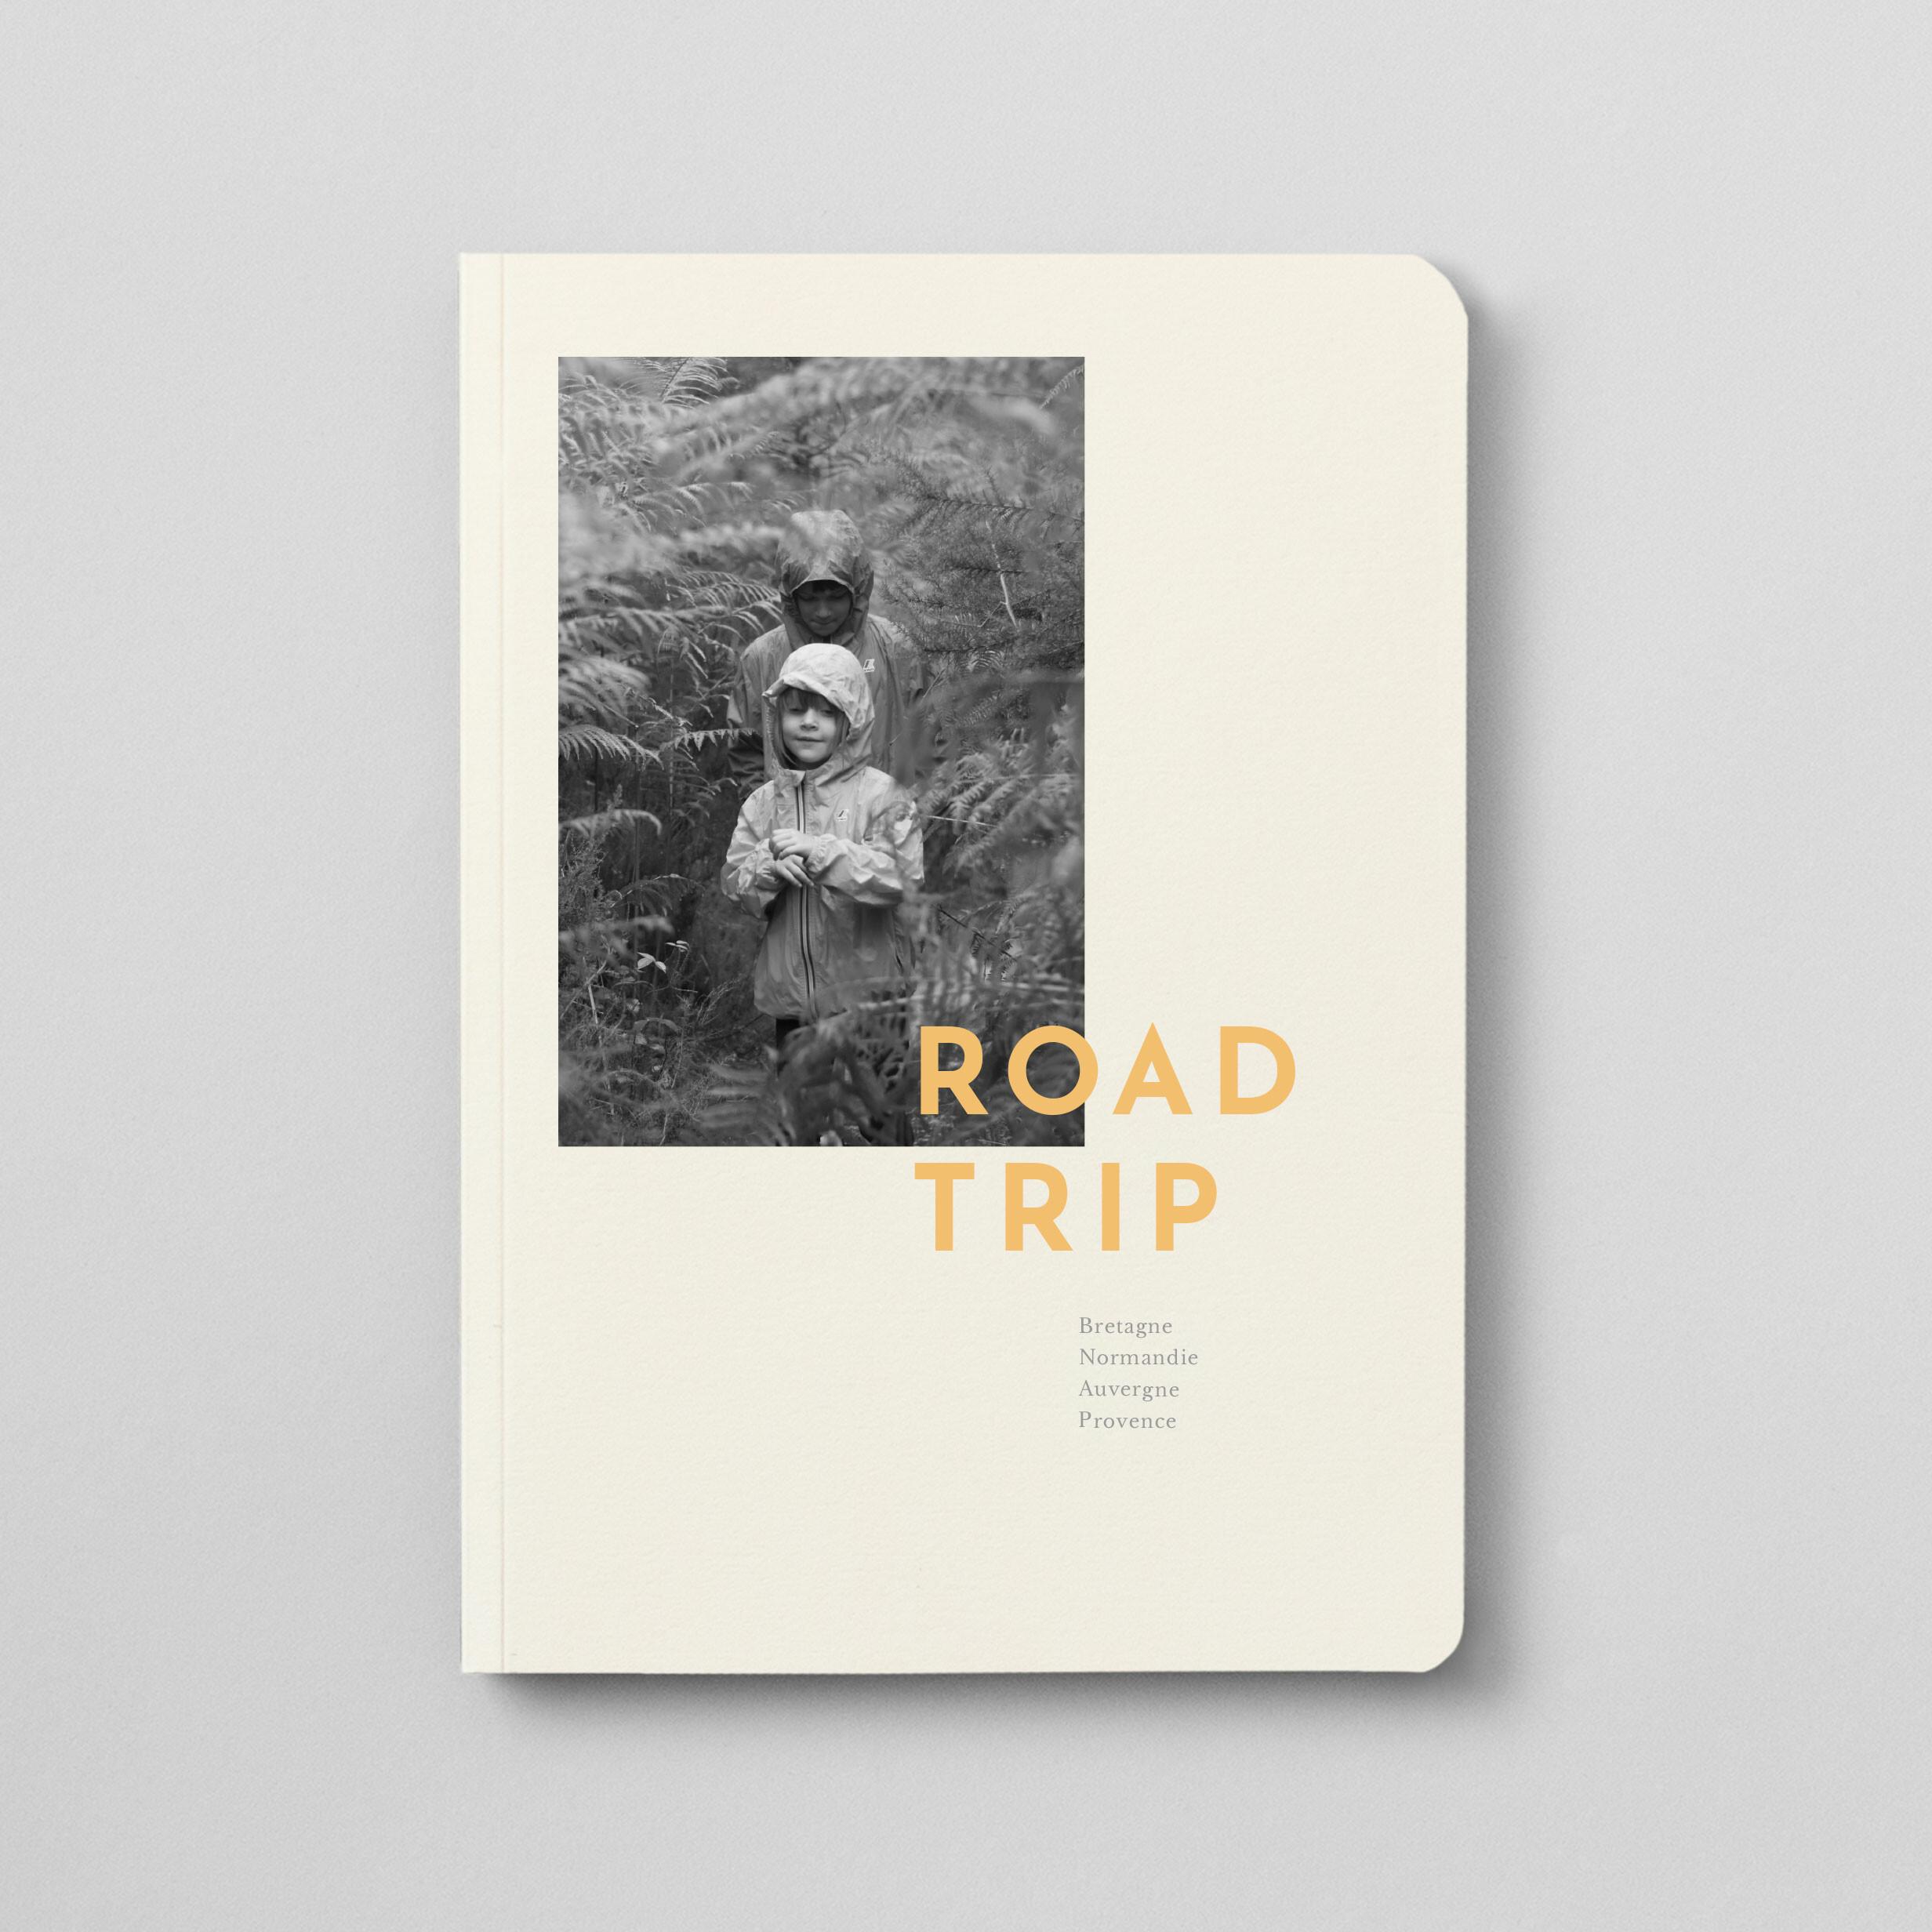 Notizbuch mit Softcover und Foto (monochrom)